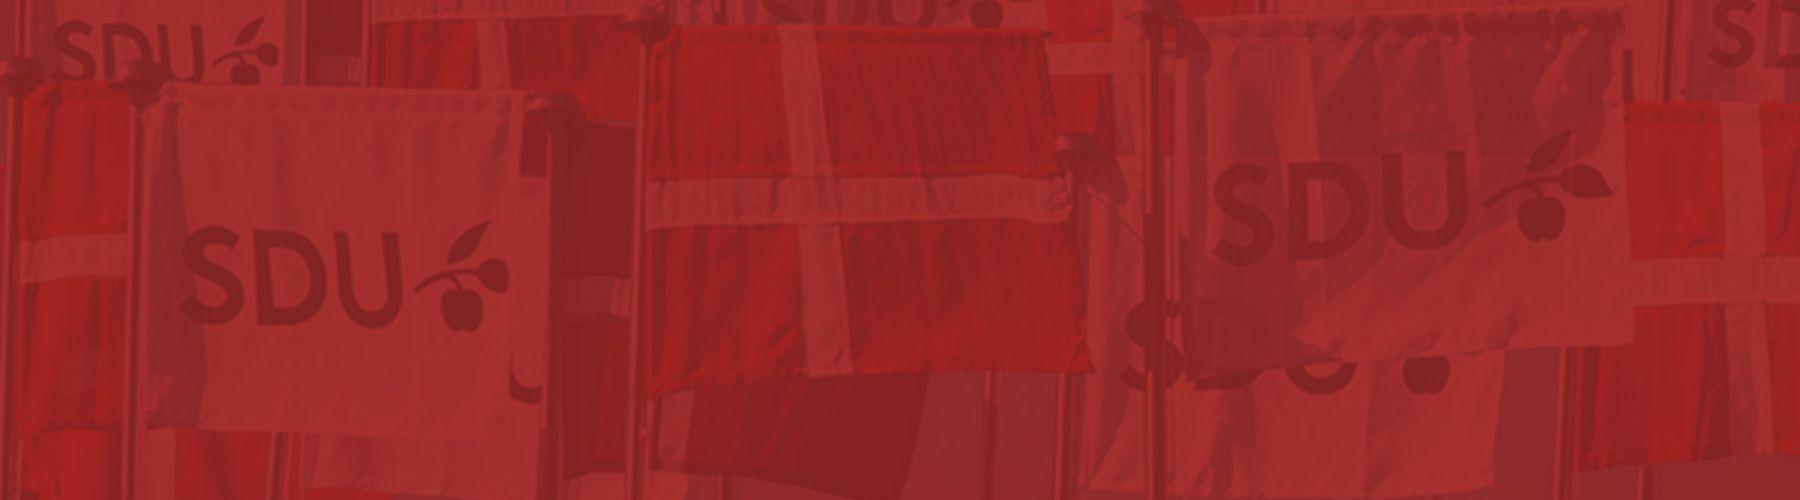 SDU billeder cover image